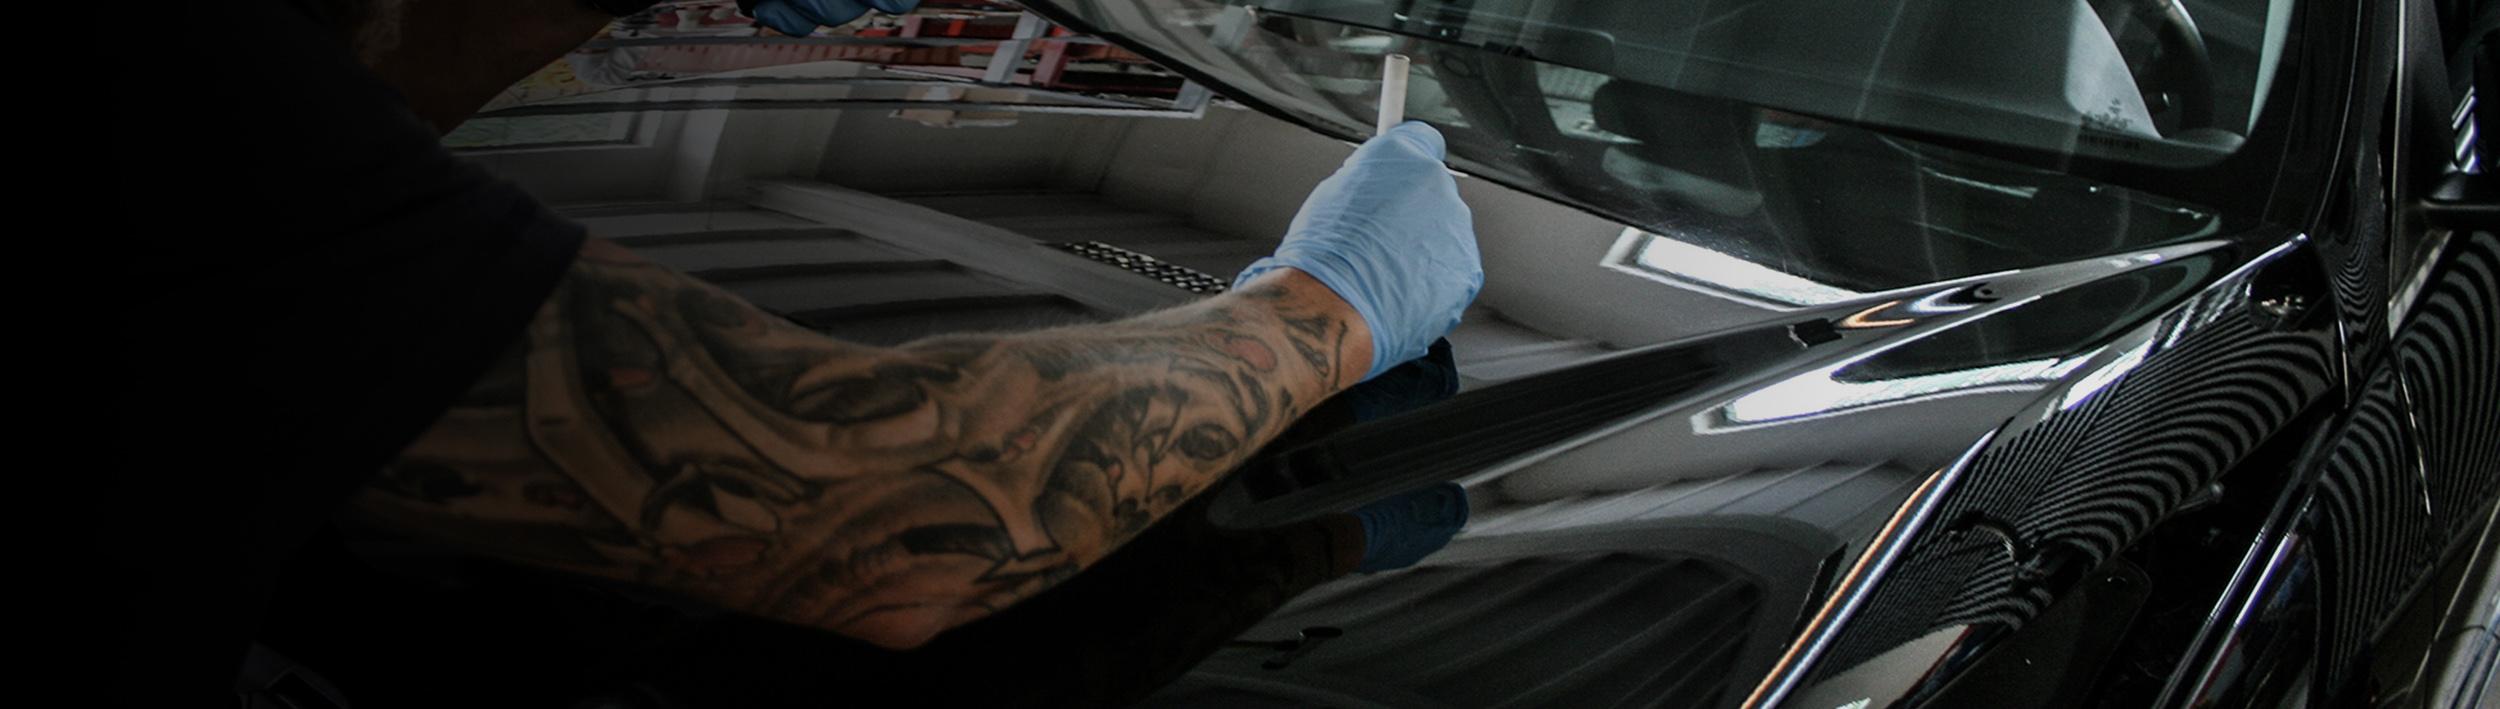 Usuwanie wgnieceń z maski samochodu